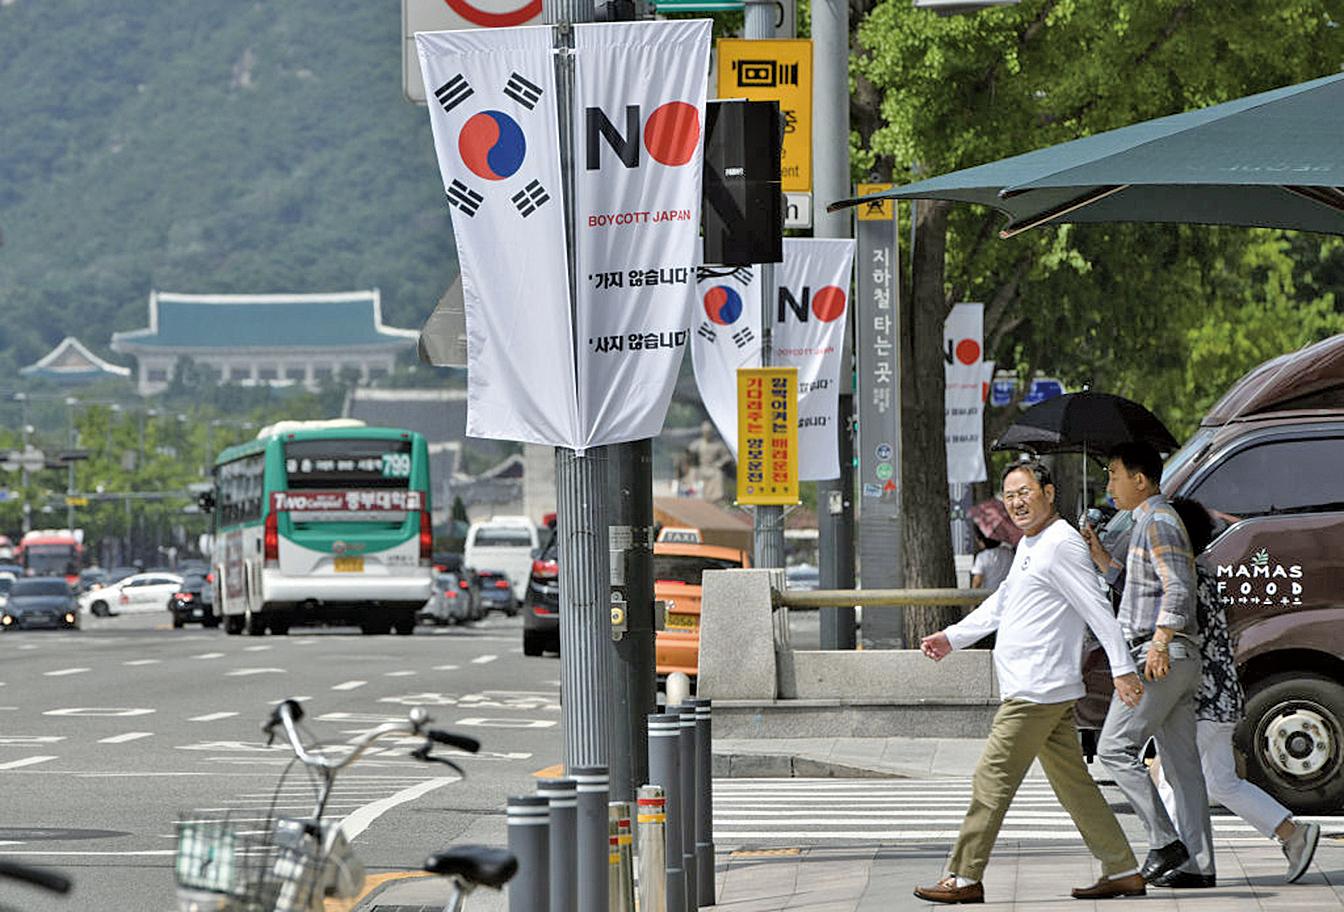 2019年8月6日,位於首爾中區的一條街道上,豎立南韓國旗(左)和寫著「抵制日本」(右)橫幅。(AFP)